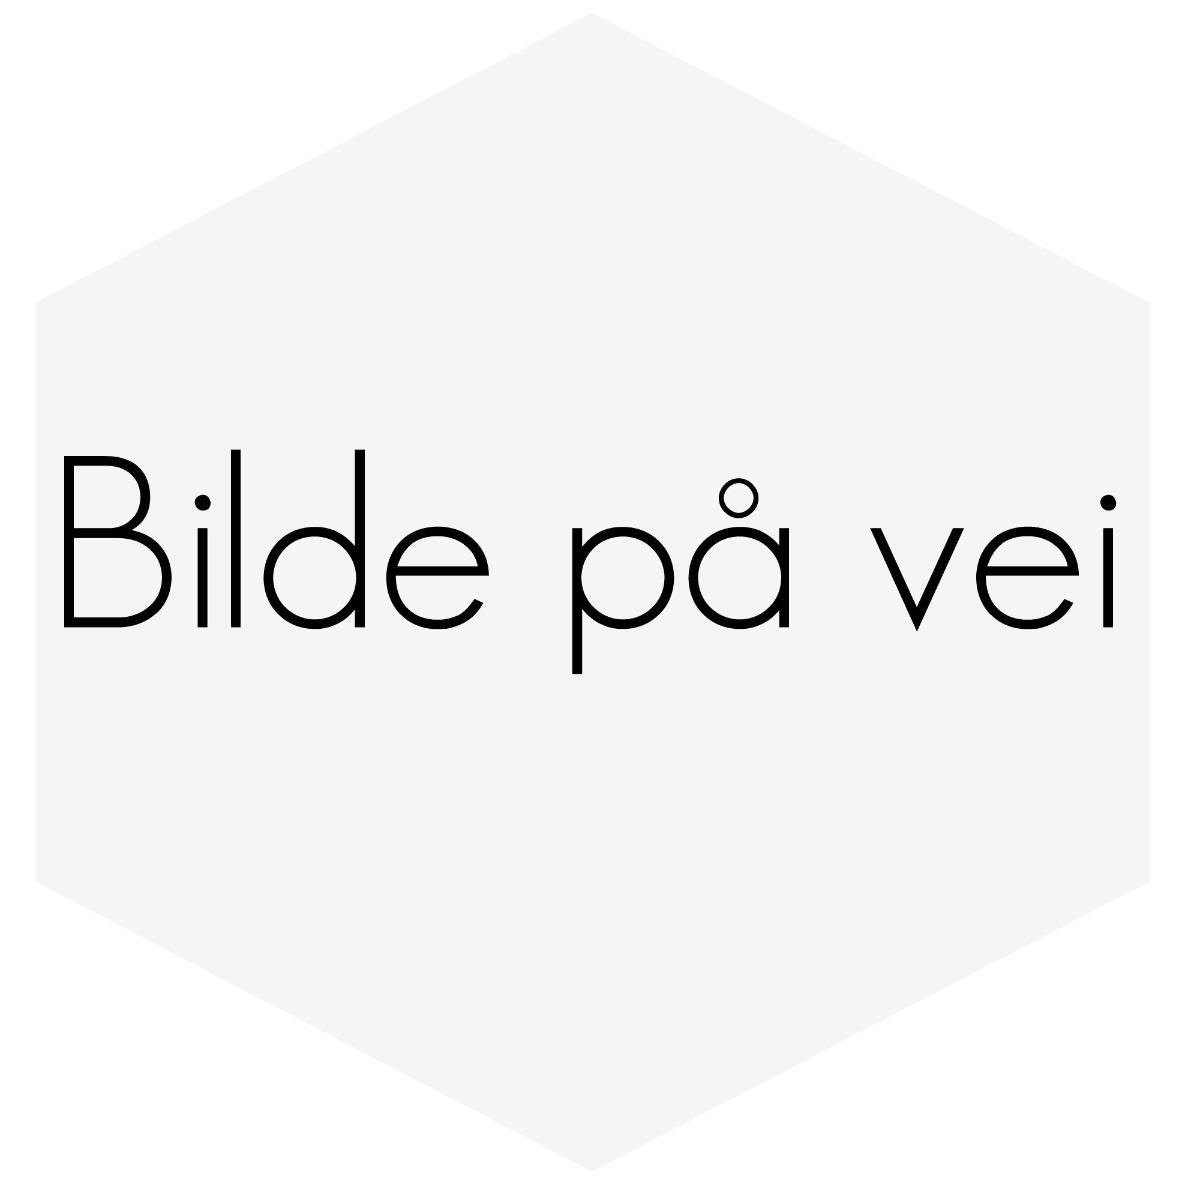 BREMSESLANGE VOLVO 100-68-74 H+V 677712   INDRE